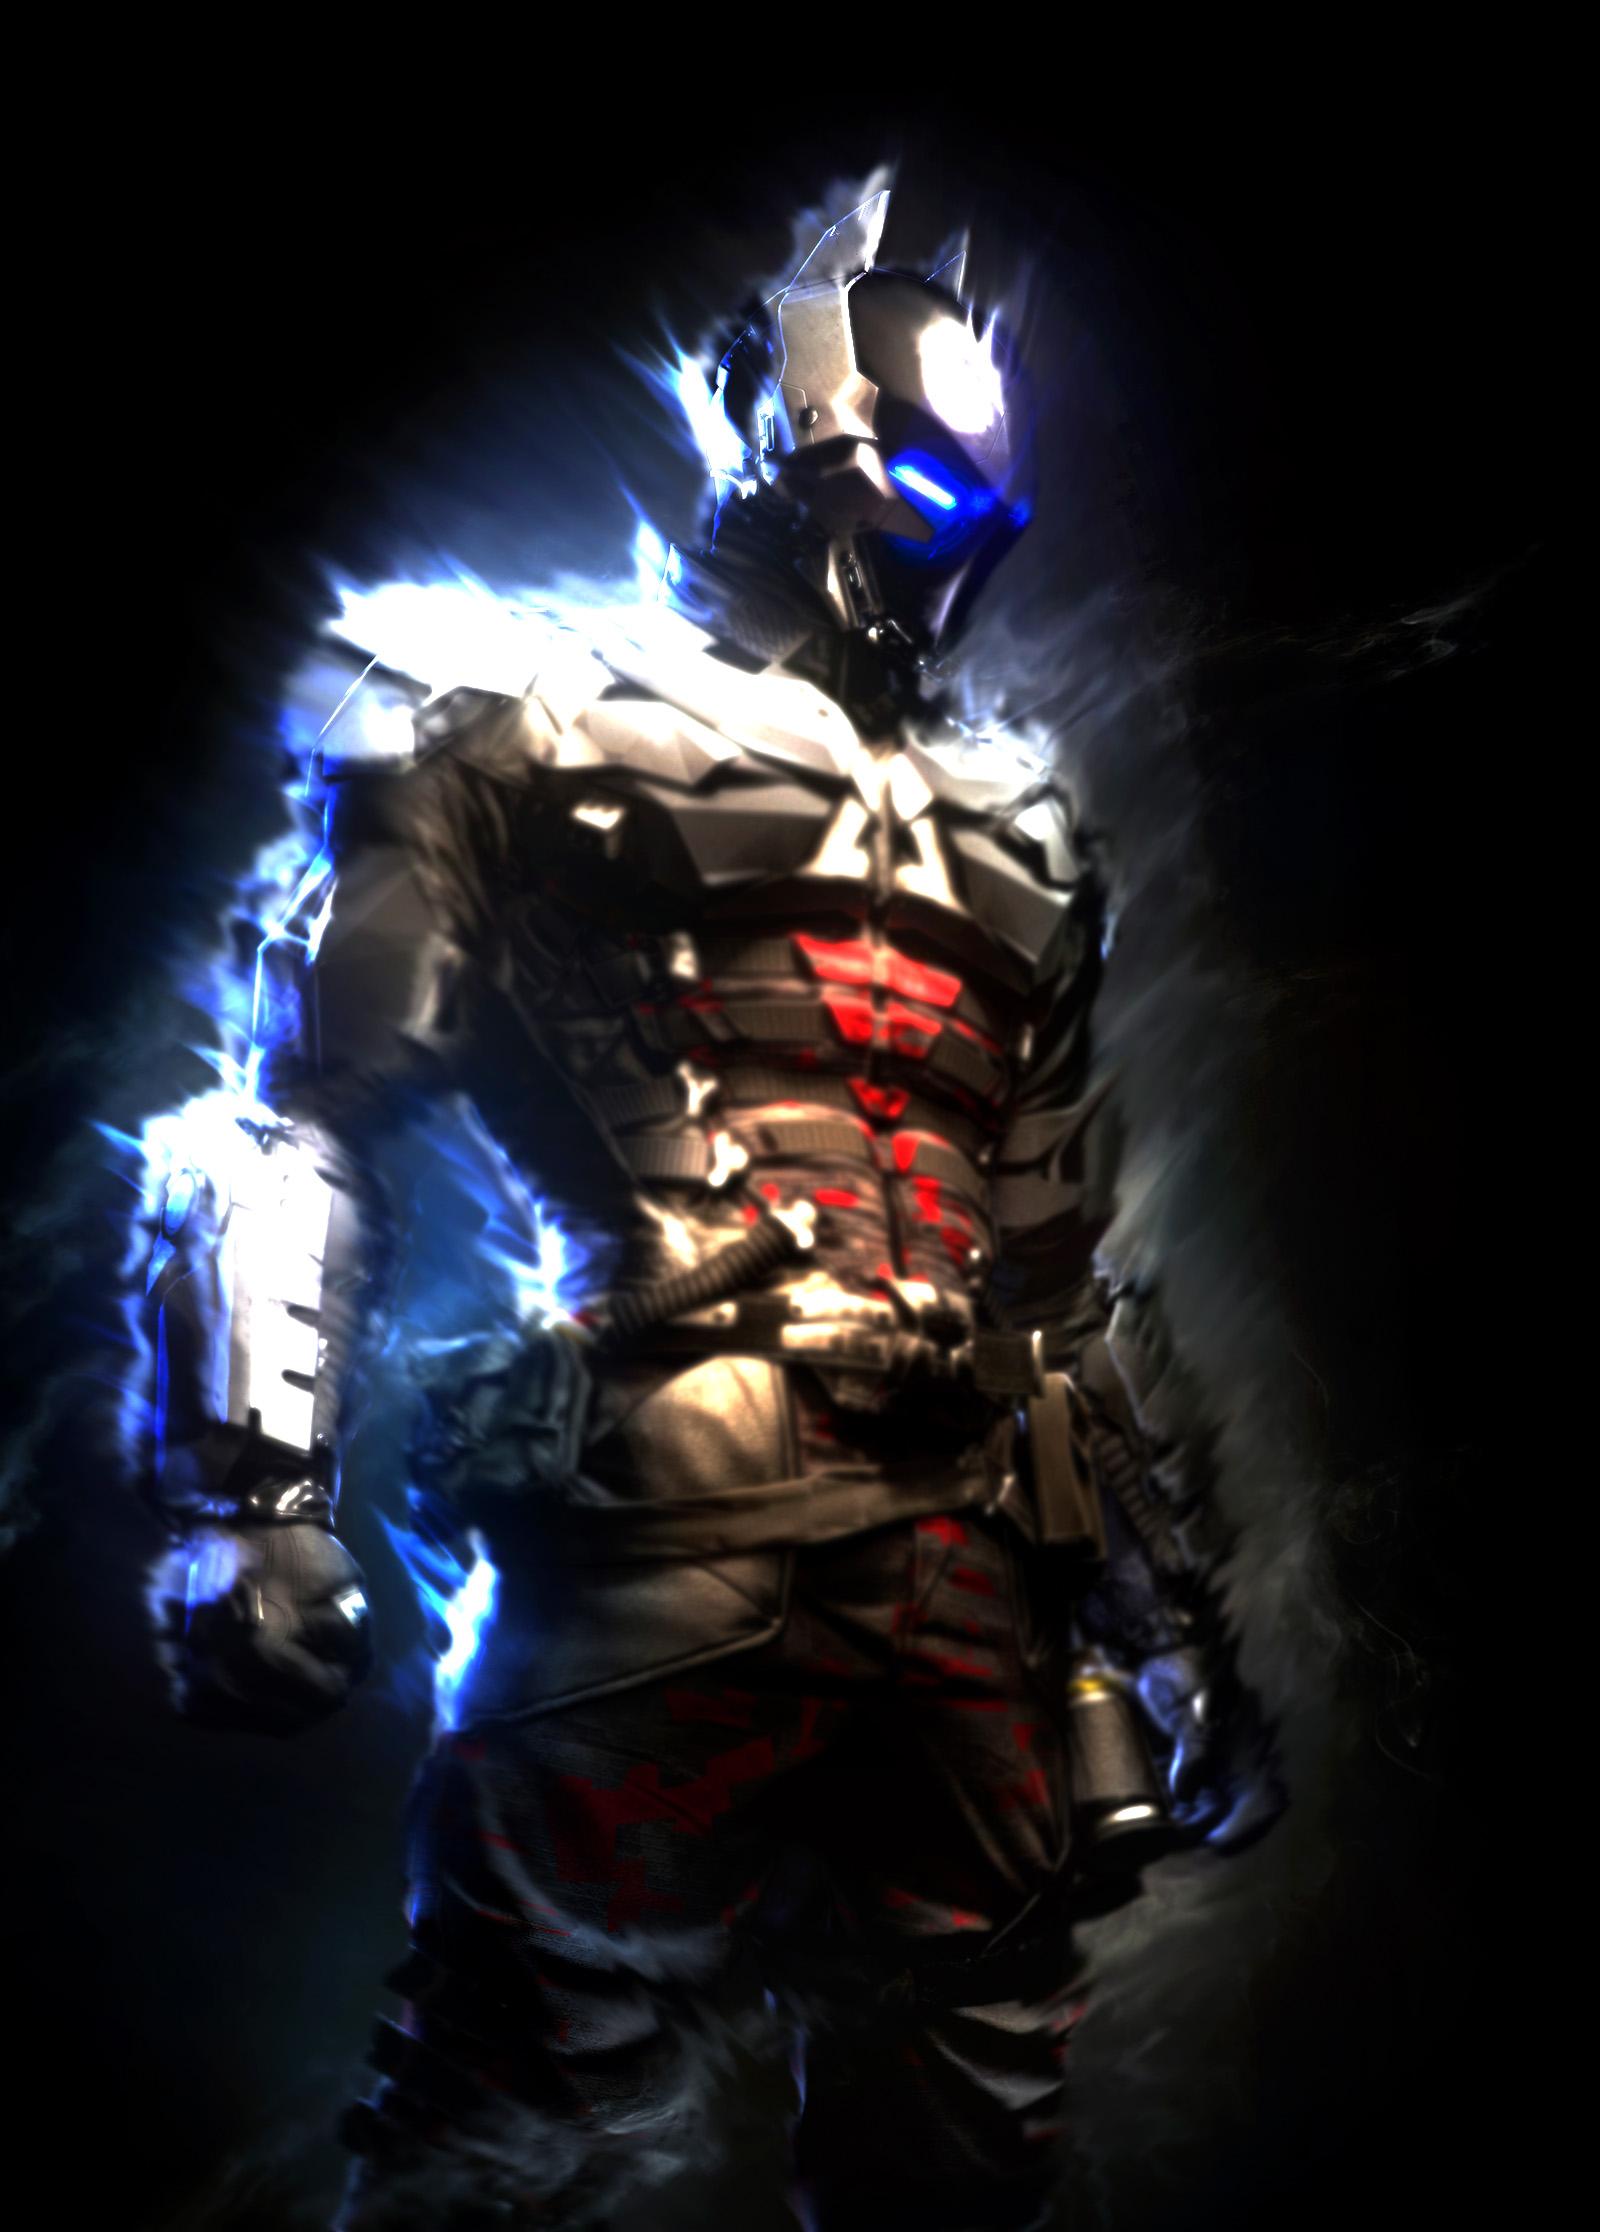 batman arkham knight iphone wallpaper - wallpapersafari